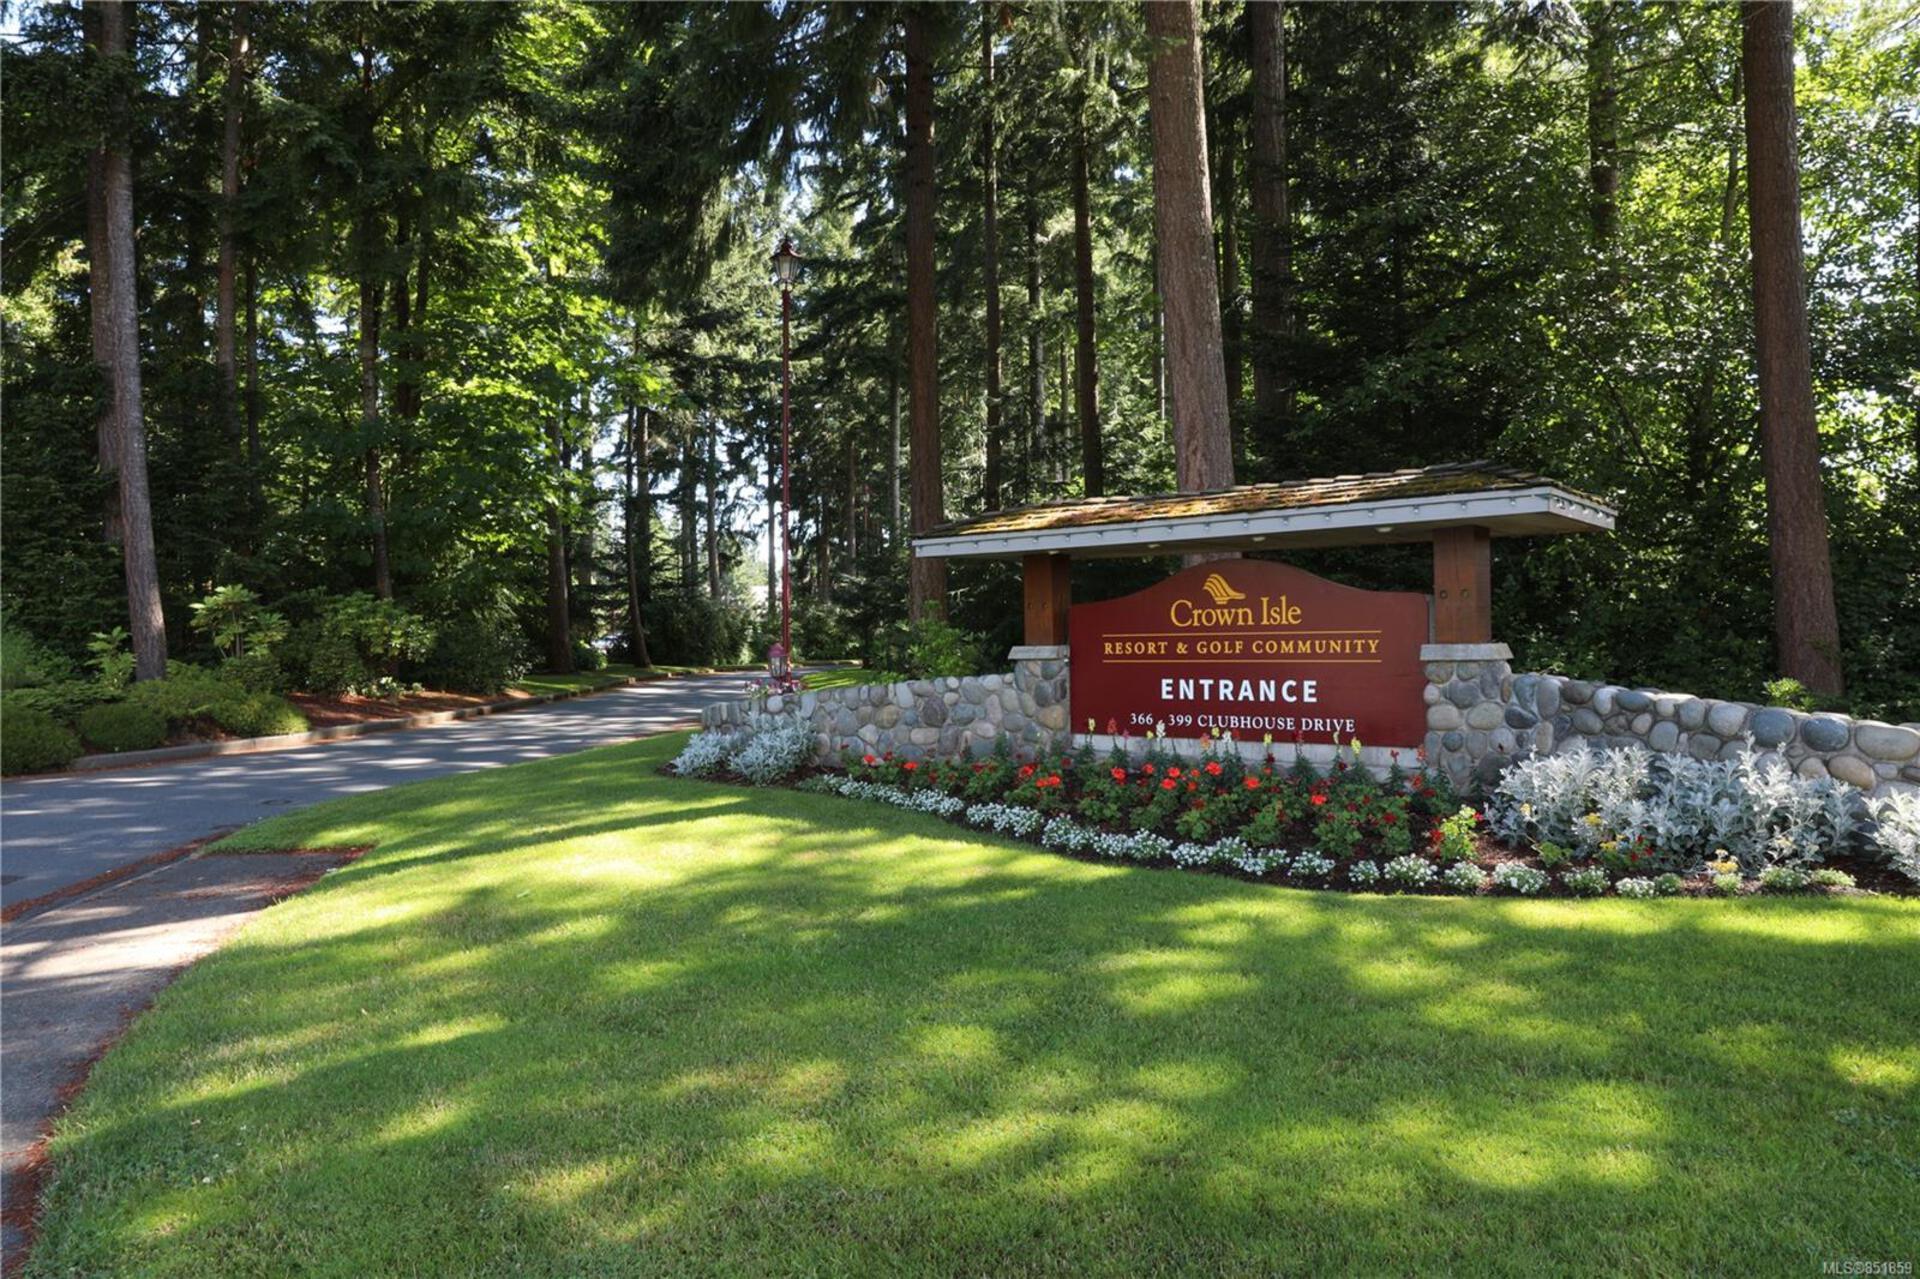 623-crown-isle-boulevard-crown-isle-comox-valley-09 at SL 3 - 623 Crown Isle Boulevard, Crown Isle, Comox Valley